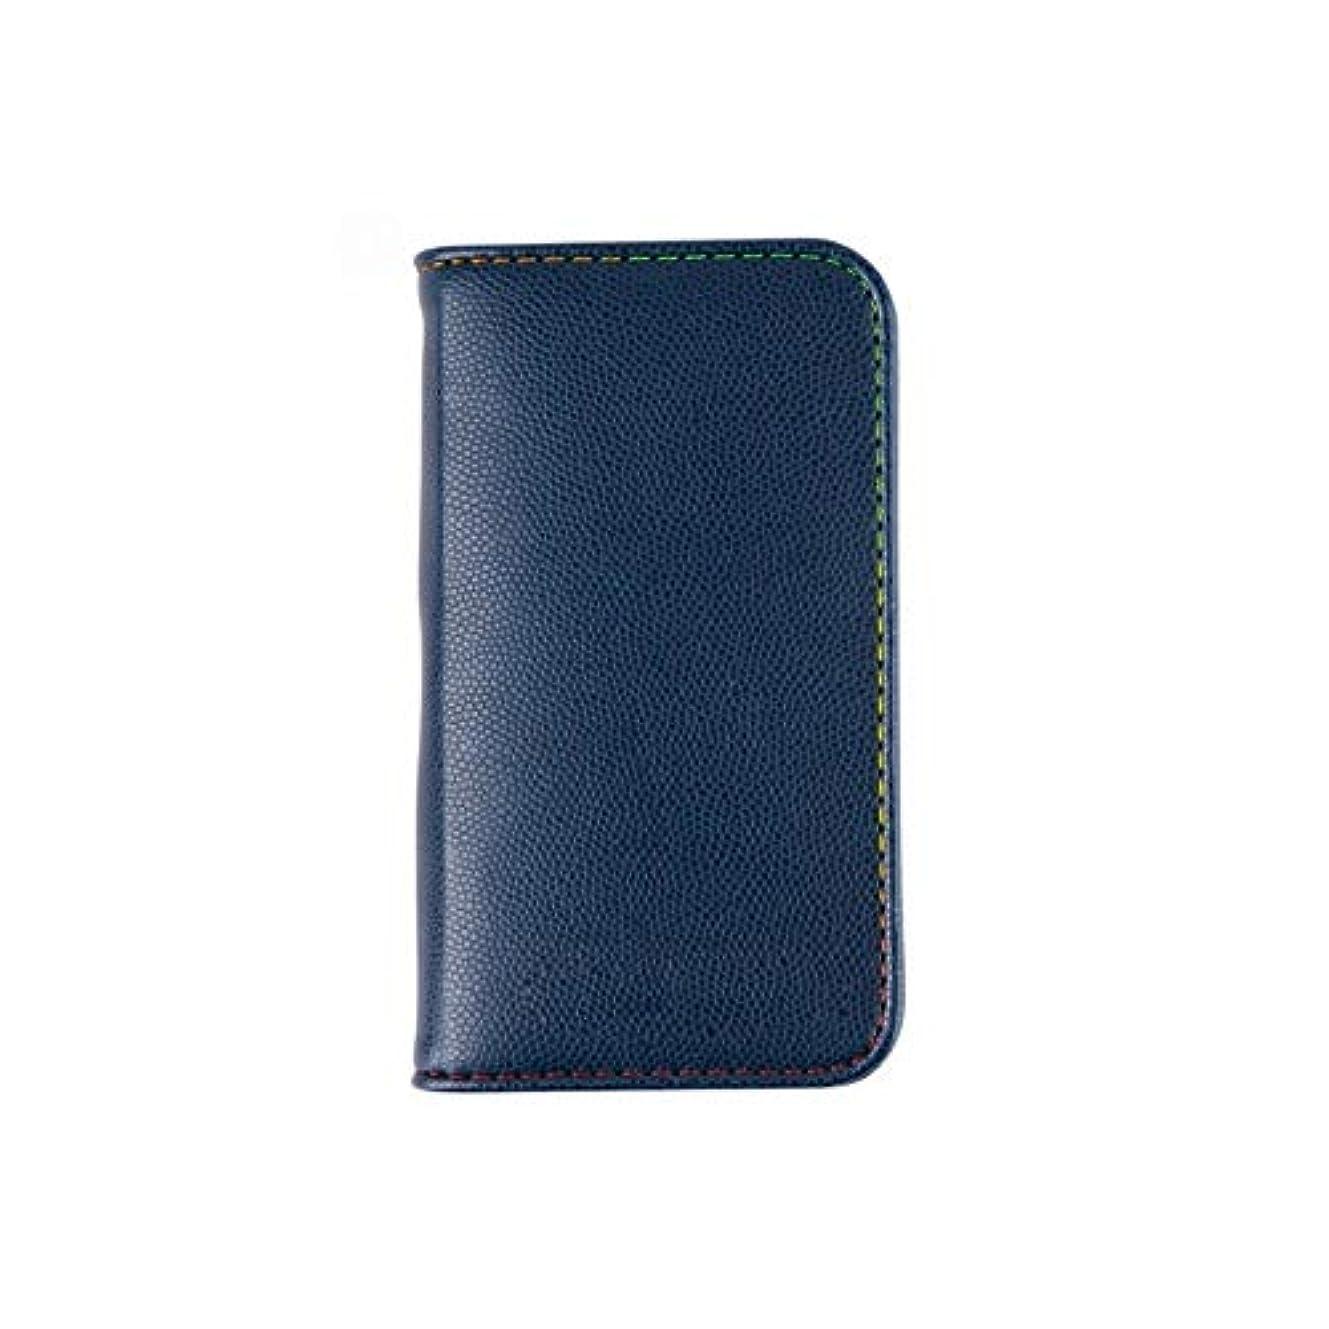 落ち込んでいるモッキンバード要求するJIAYIZS ナイフ美容ツールを金メッキのデッド皮膚にネイルクリッパープライヤー7点セットネイルマニキュアツールペディキュア (Color : Blue)